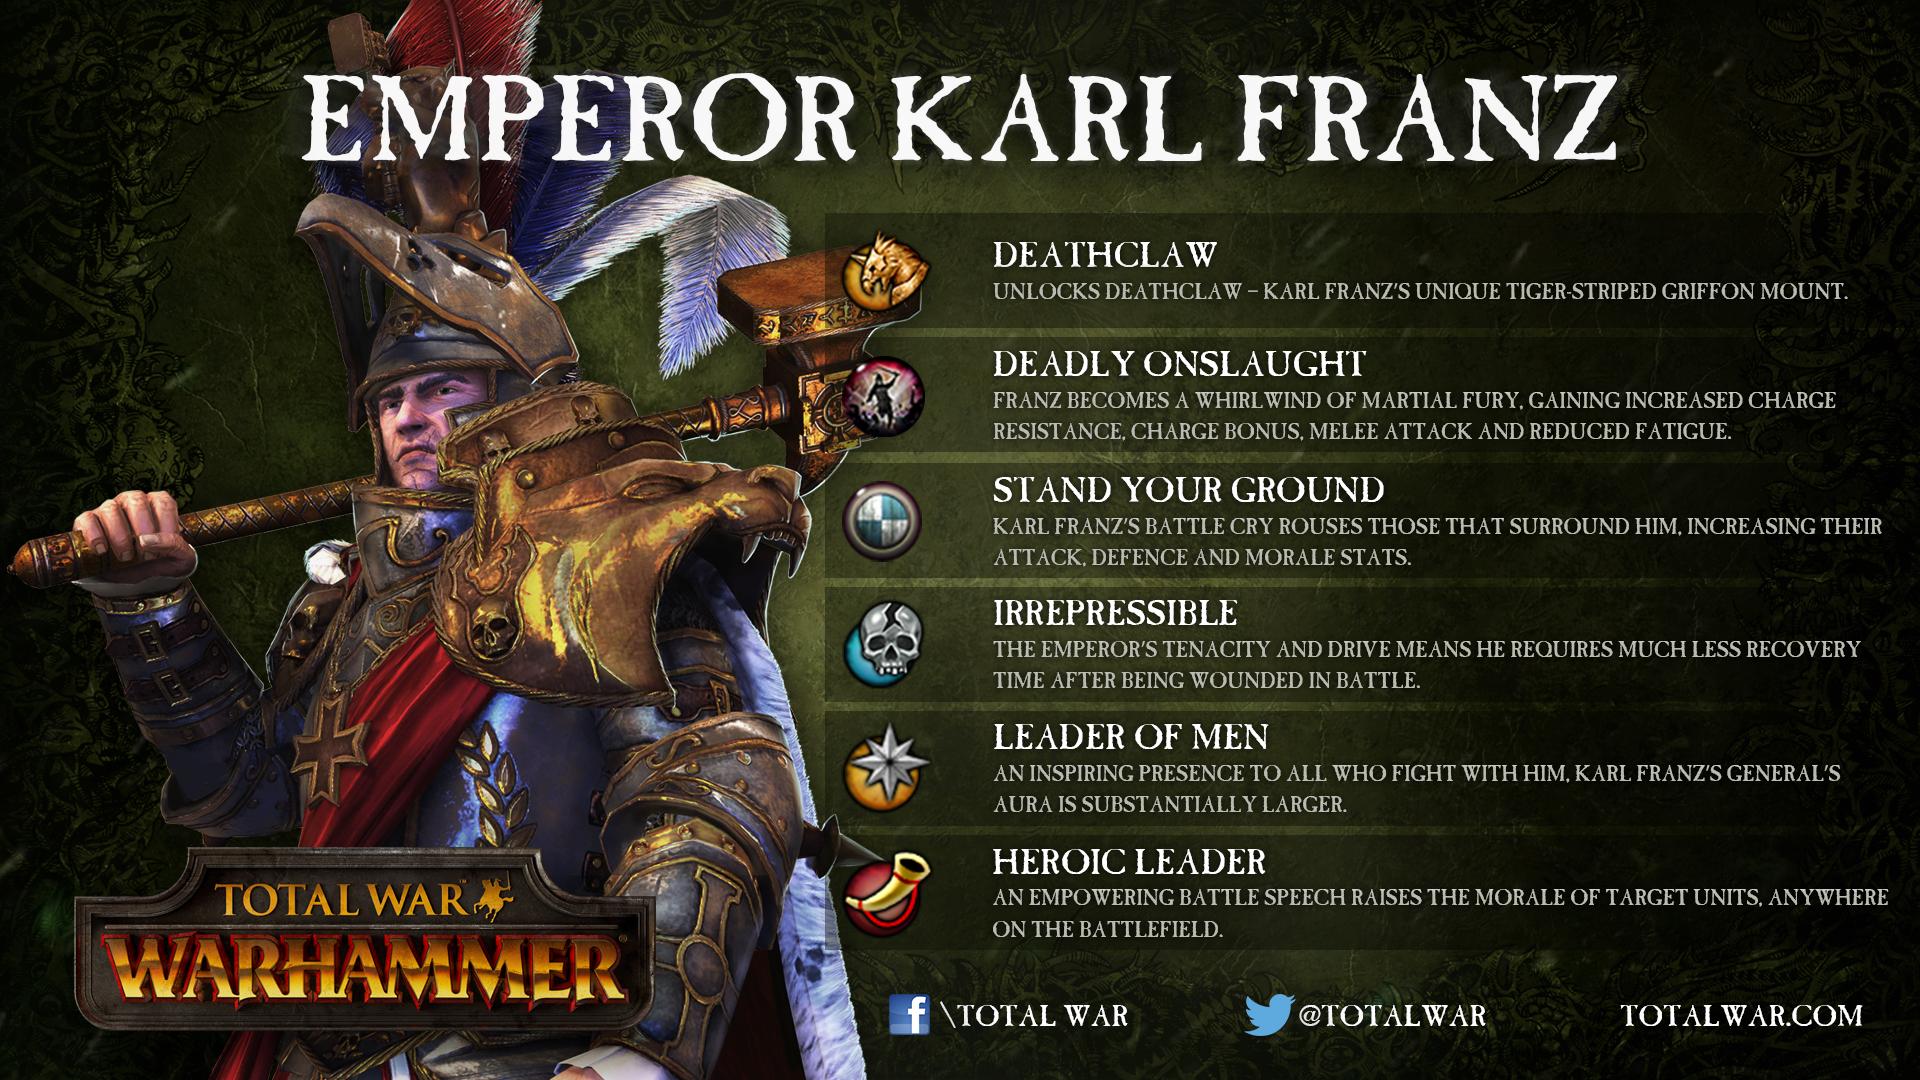 Karl Franz (Deathclaw)